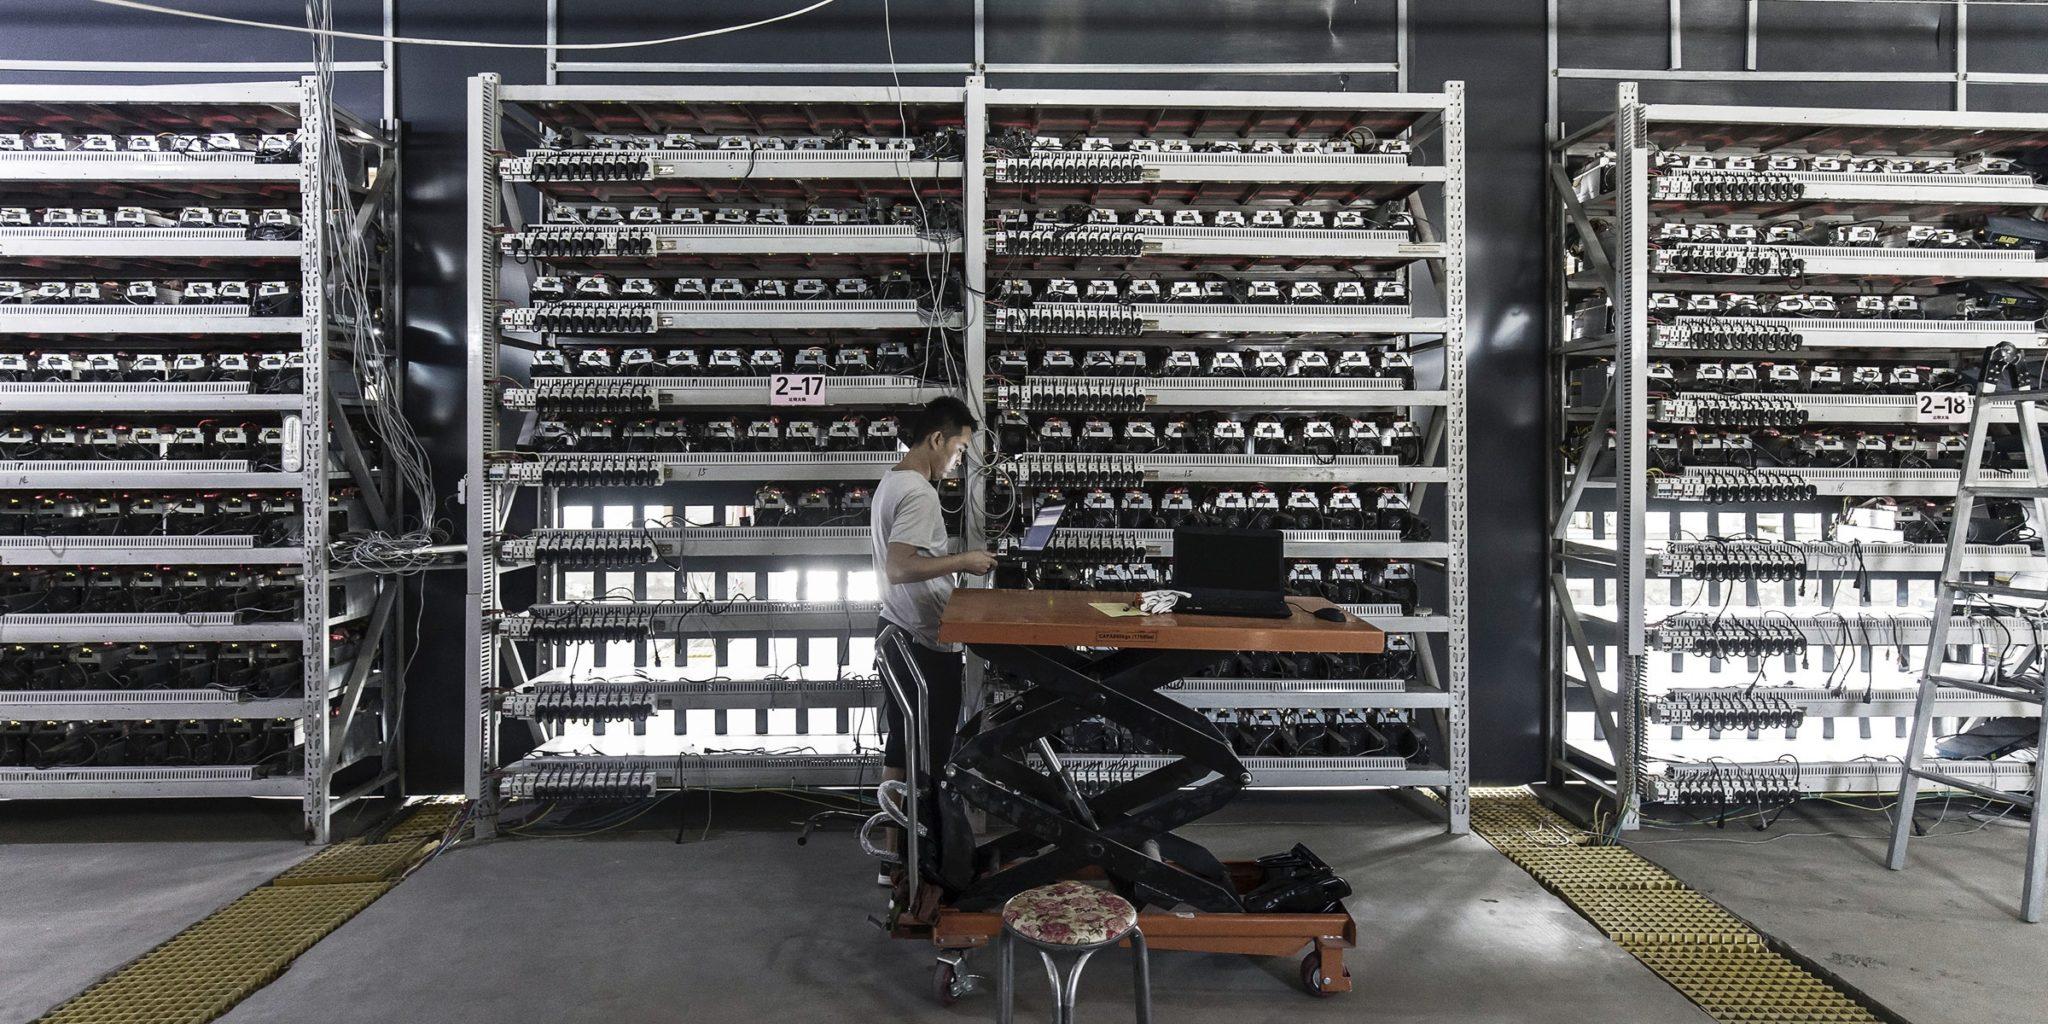 kuzey amerikadaki bitcoin madenciligi sirketleri 1 milyar dolarin uzerinde btc biriktirdi 1